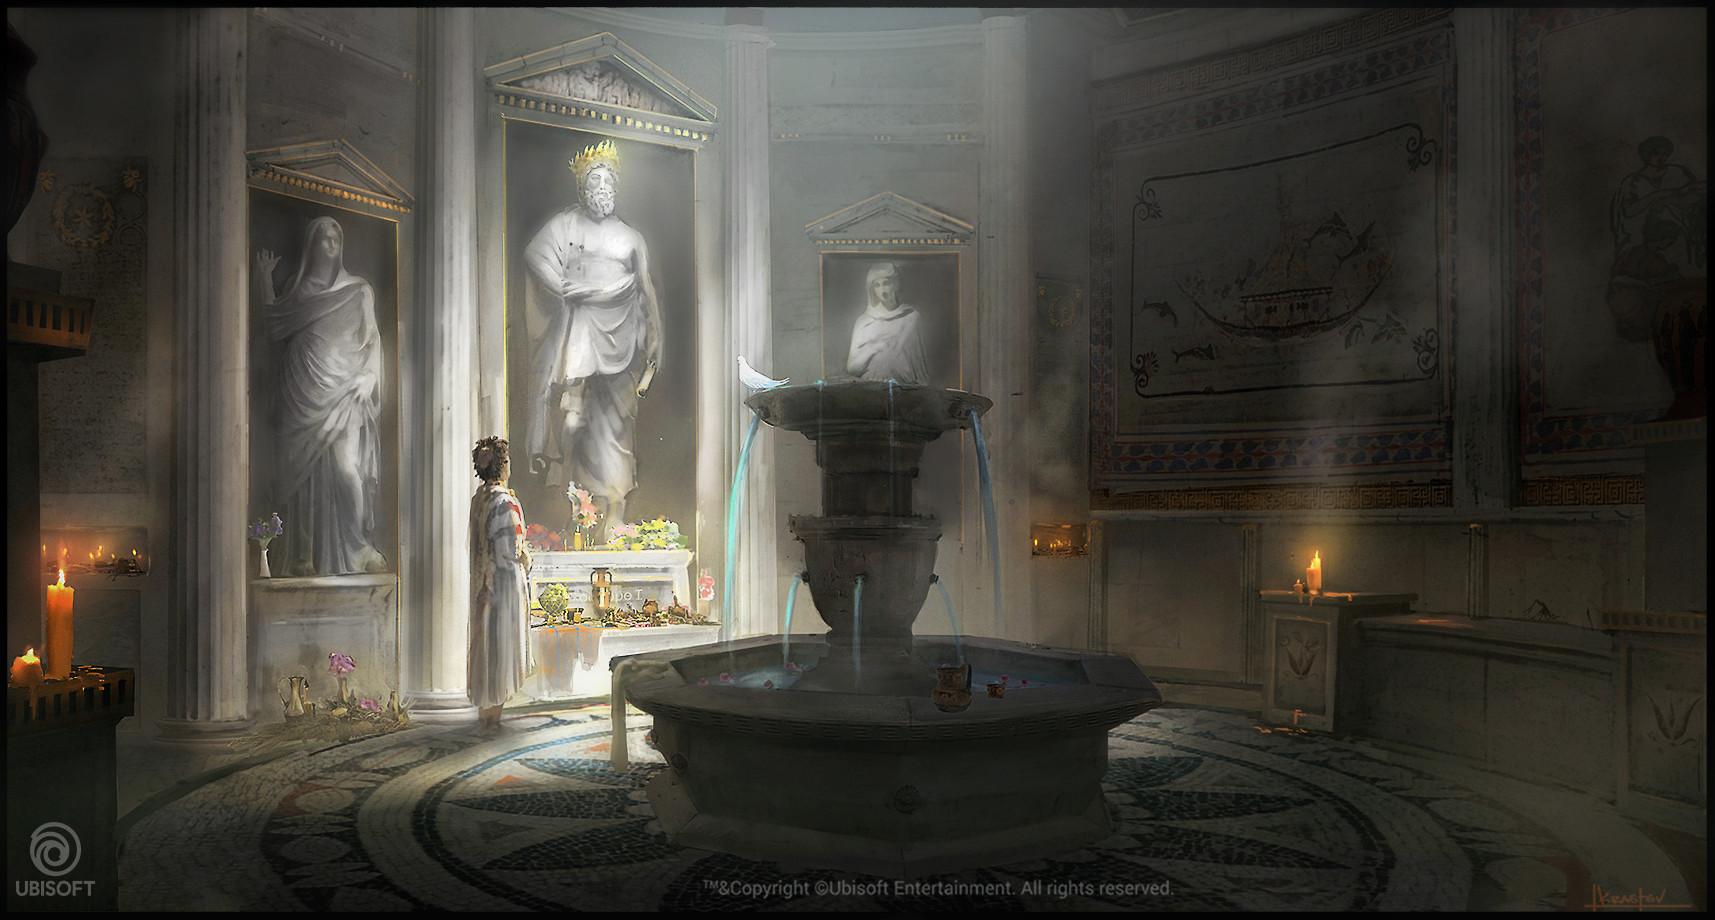 Tsvetelin krastev ace env cyrene battus mausoleum interior 1a tsvetelinkrastev